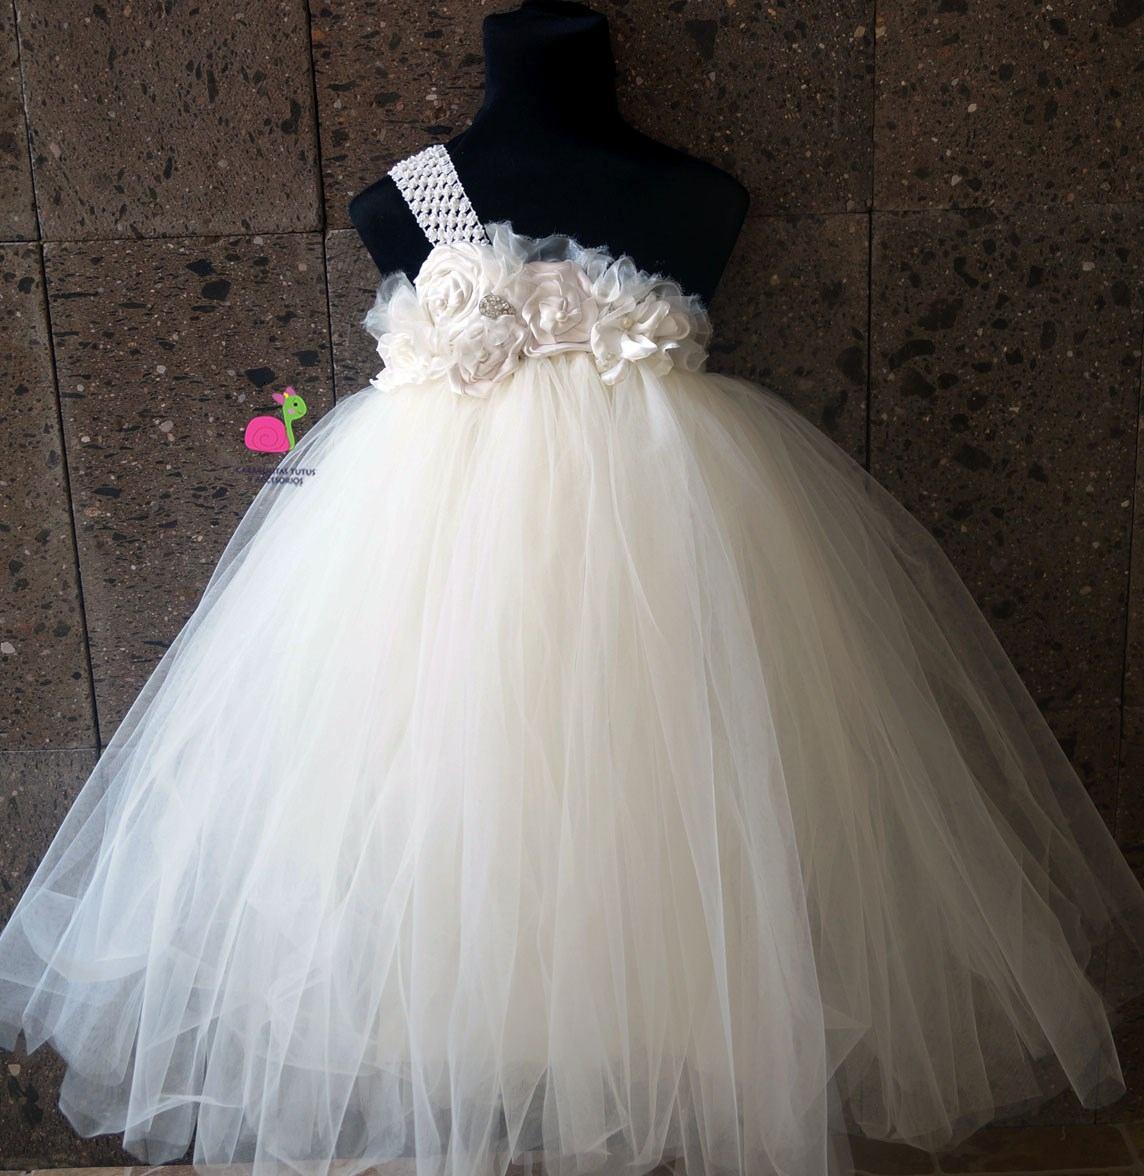 eefed41d66 Vestido de princesa con tul para niña - Patrones gratis